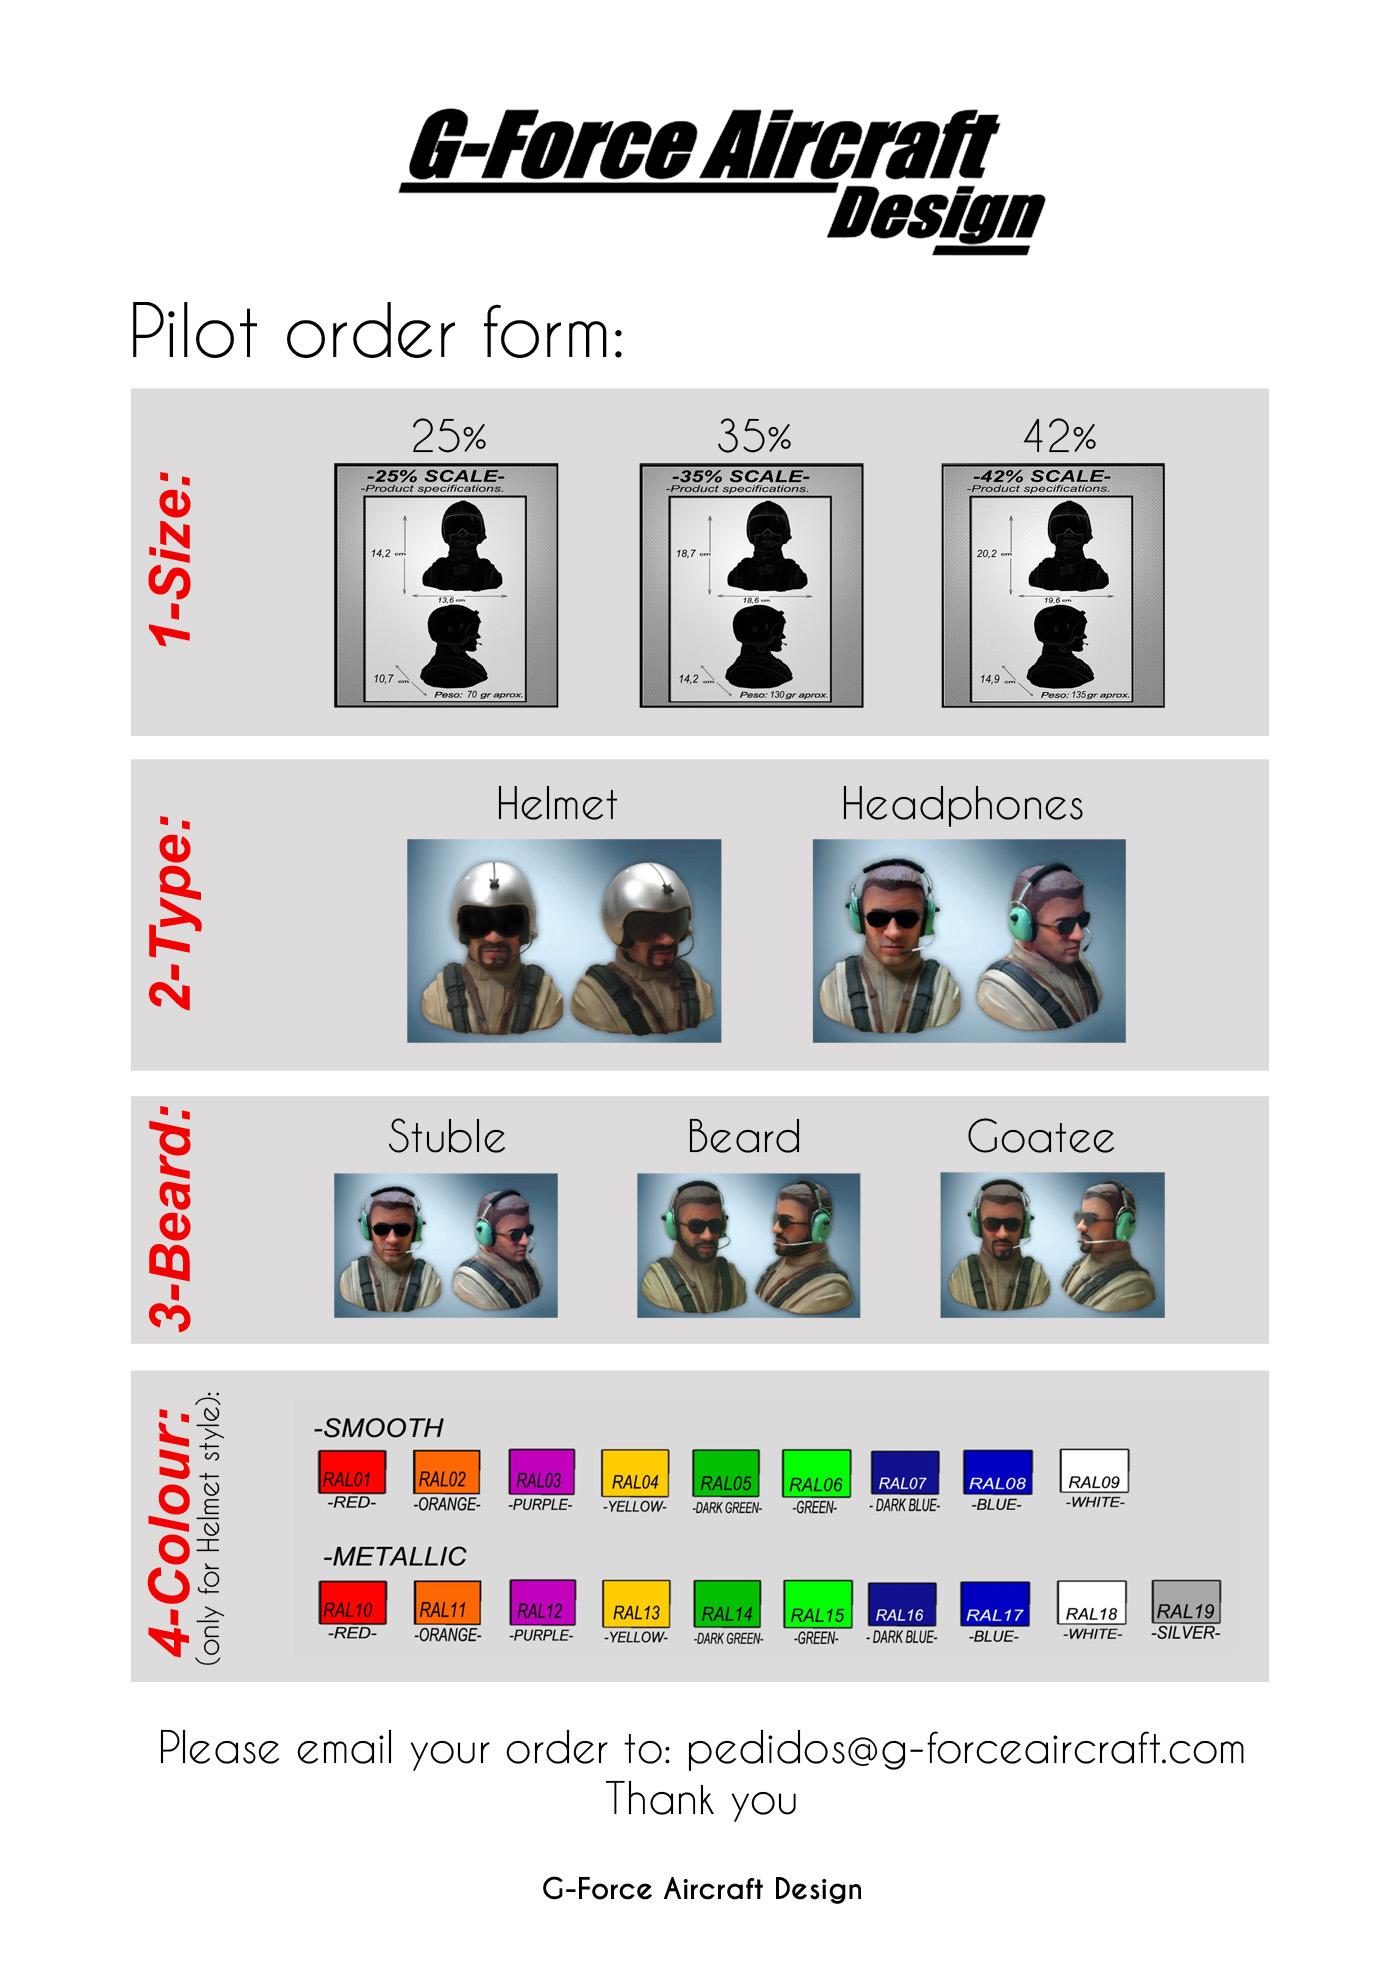 Plantilla-pedido-pilotos-acrobaticos-g-force-aircraft-es